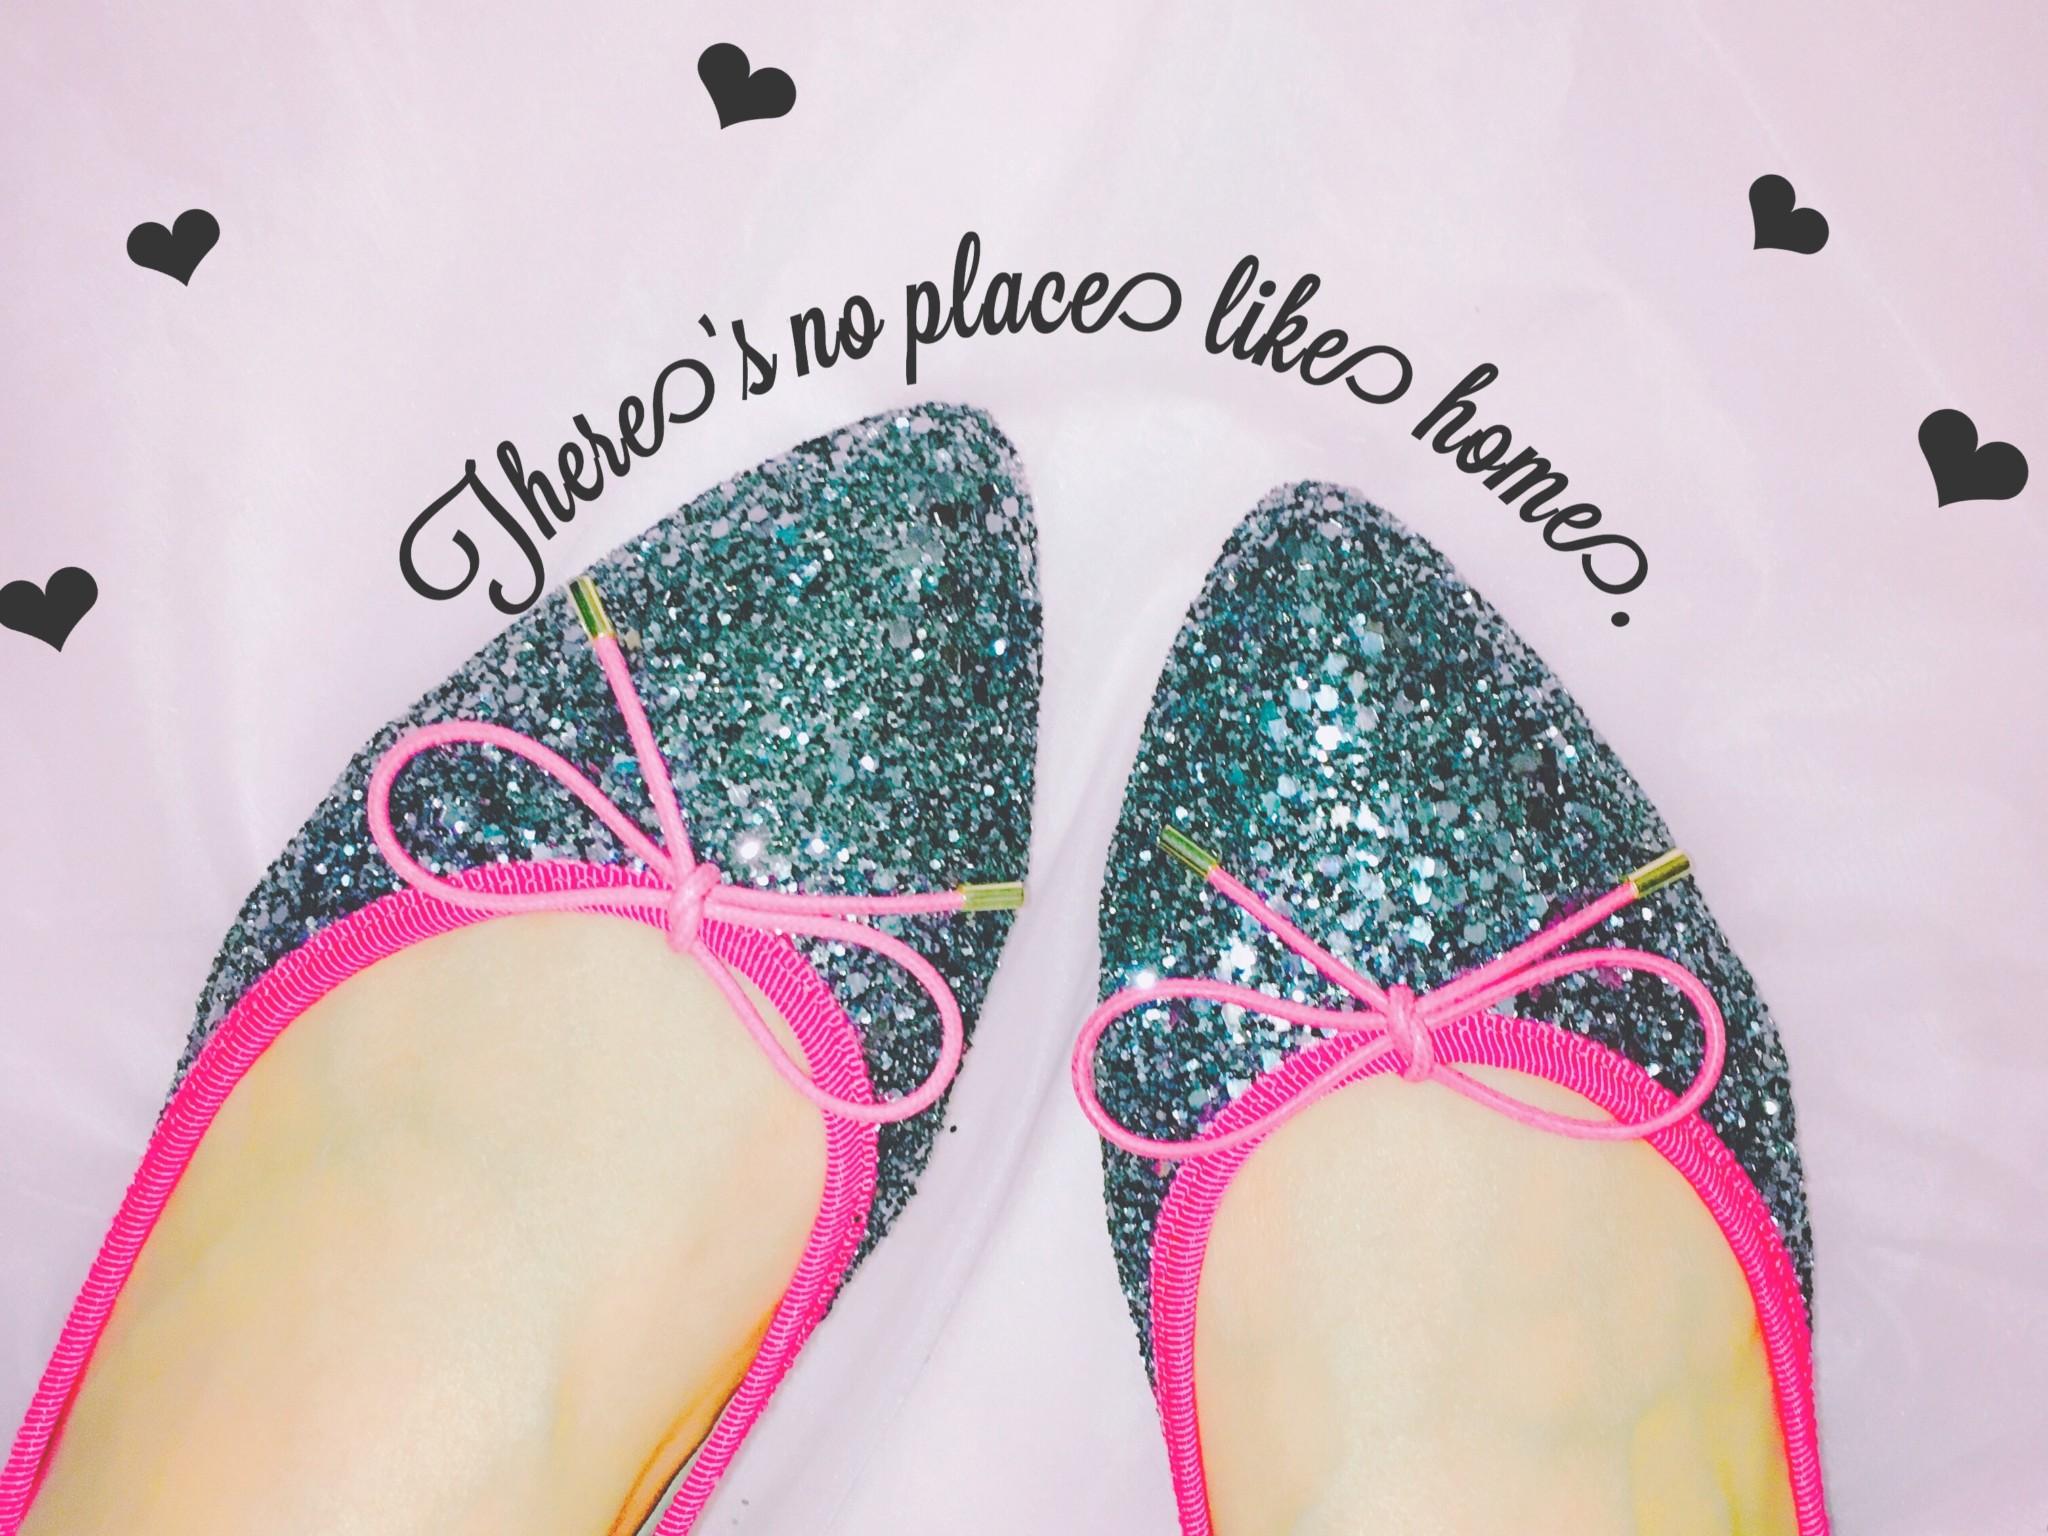 足元に魔法がかかる♡可愛い靴下が見つかるブランド/お店まとめ